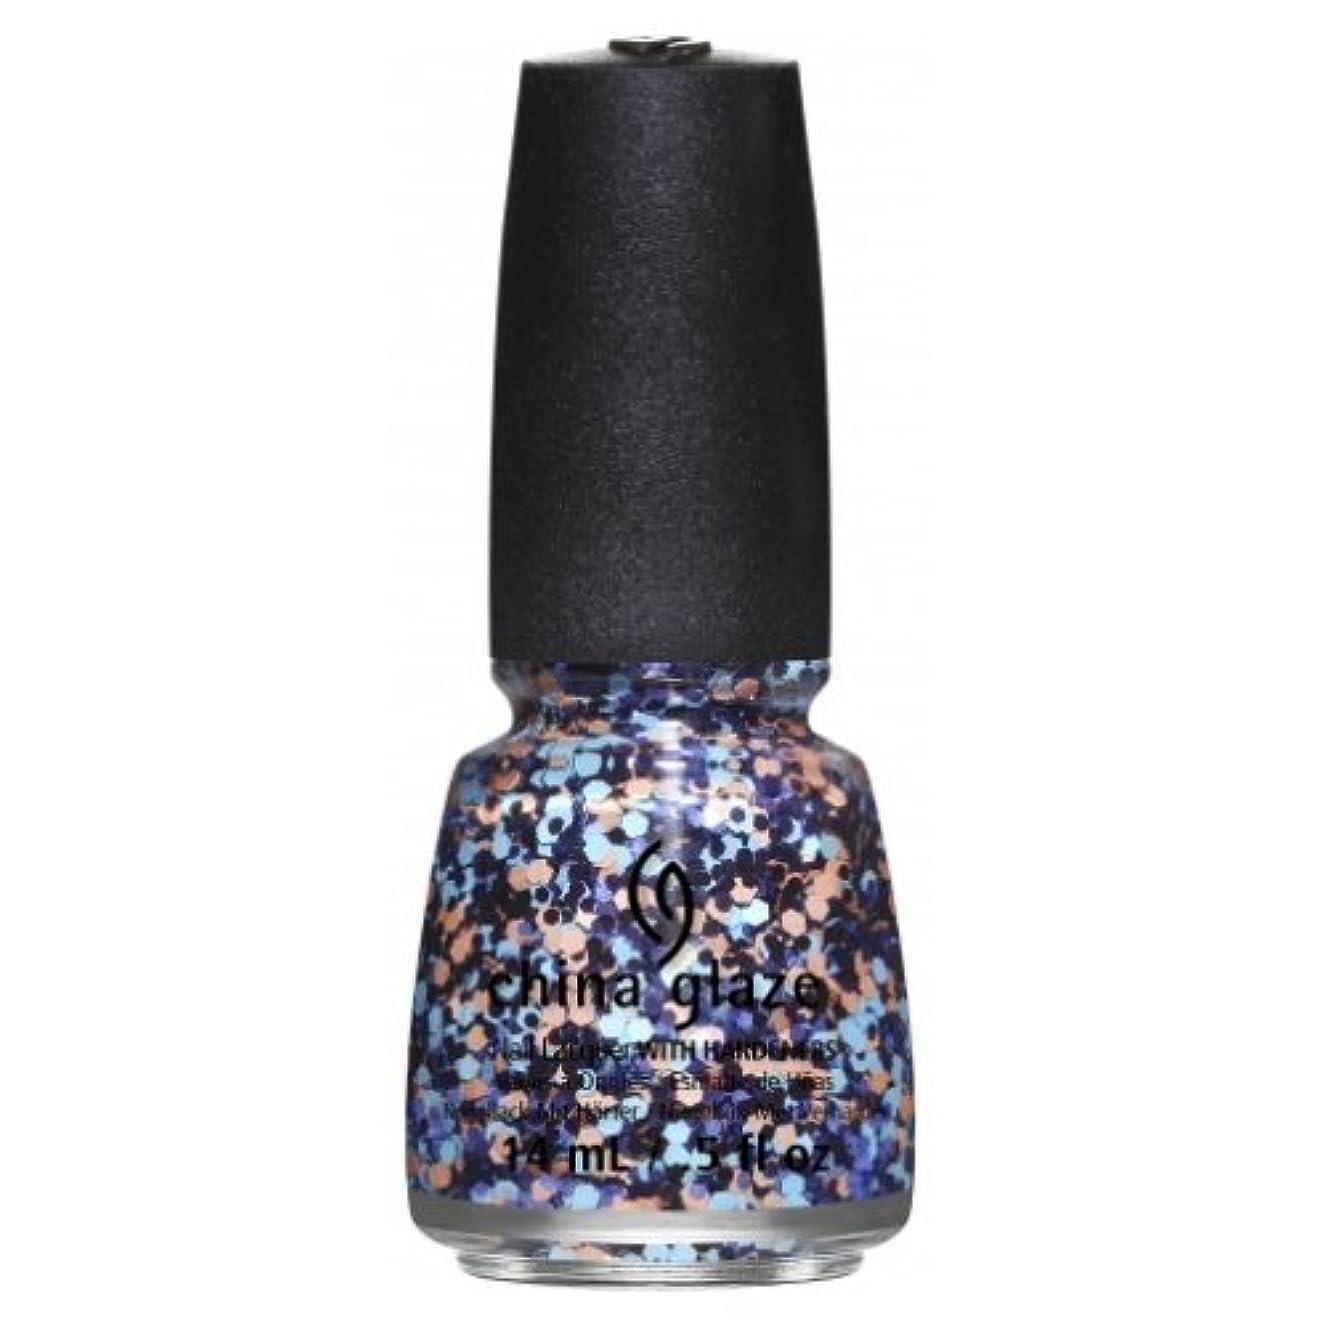 この近似病気だと思う(6 Pack) CHINA GLAZE Nail Lacquer - Suprise Collection - Glitter Up (並行輸入品)